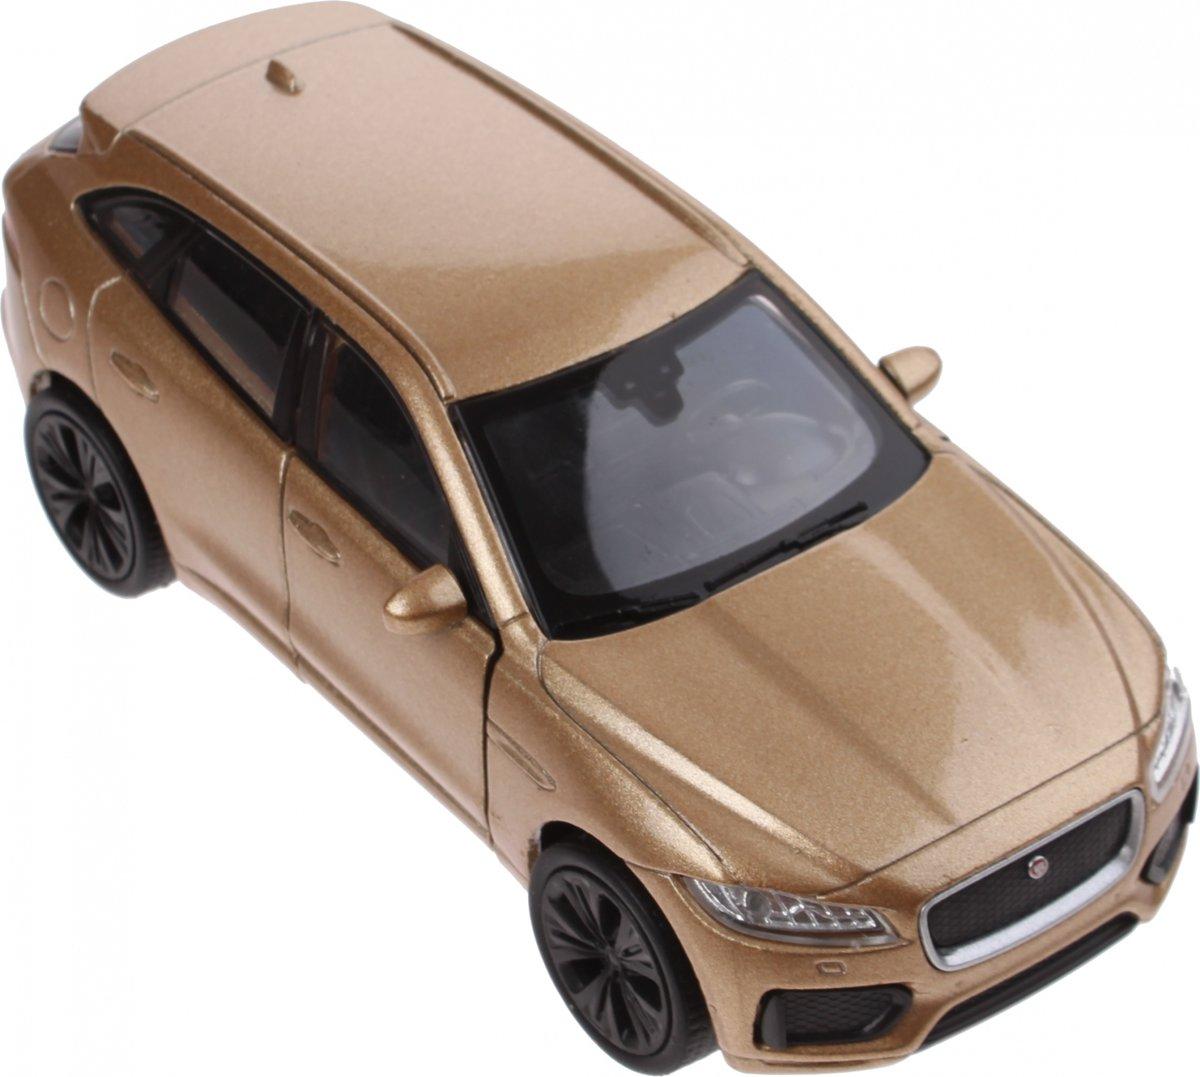 Welly Schaalmodel Jaguar F-pace 1:34 Bruin 11 Cm kopen